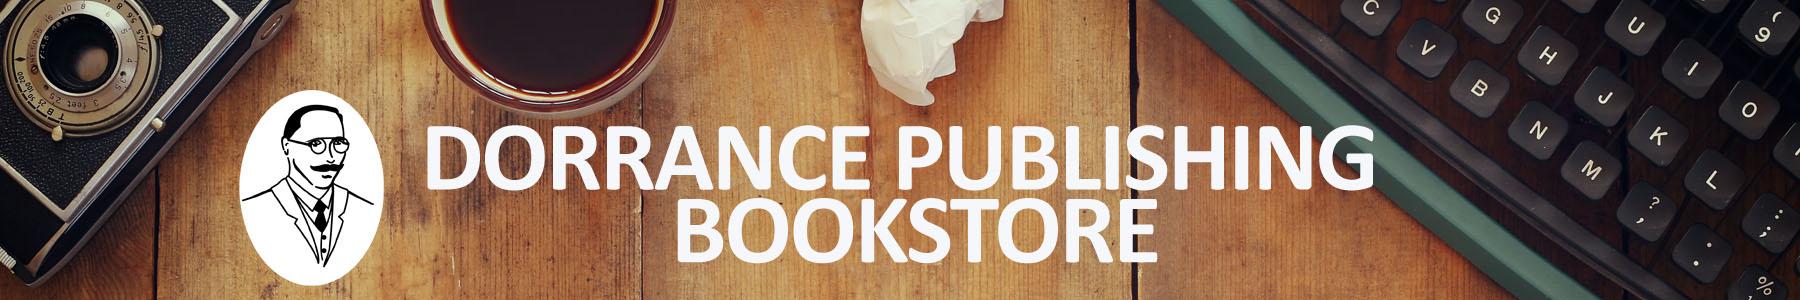 Dorrance Bookstore